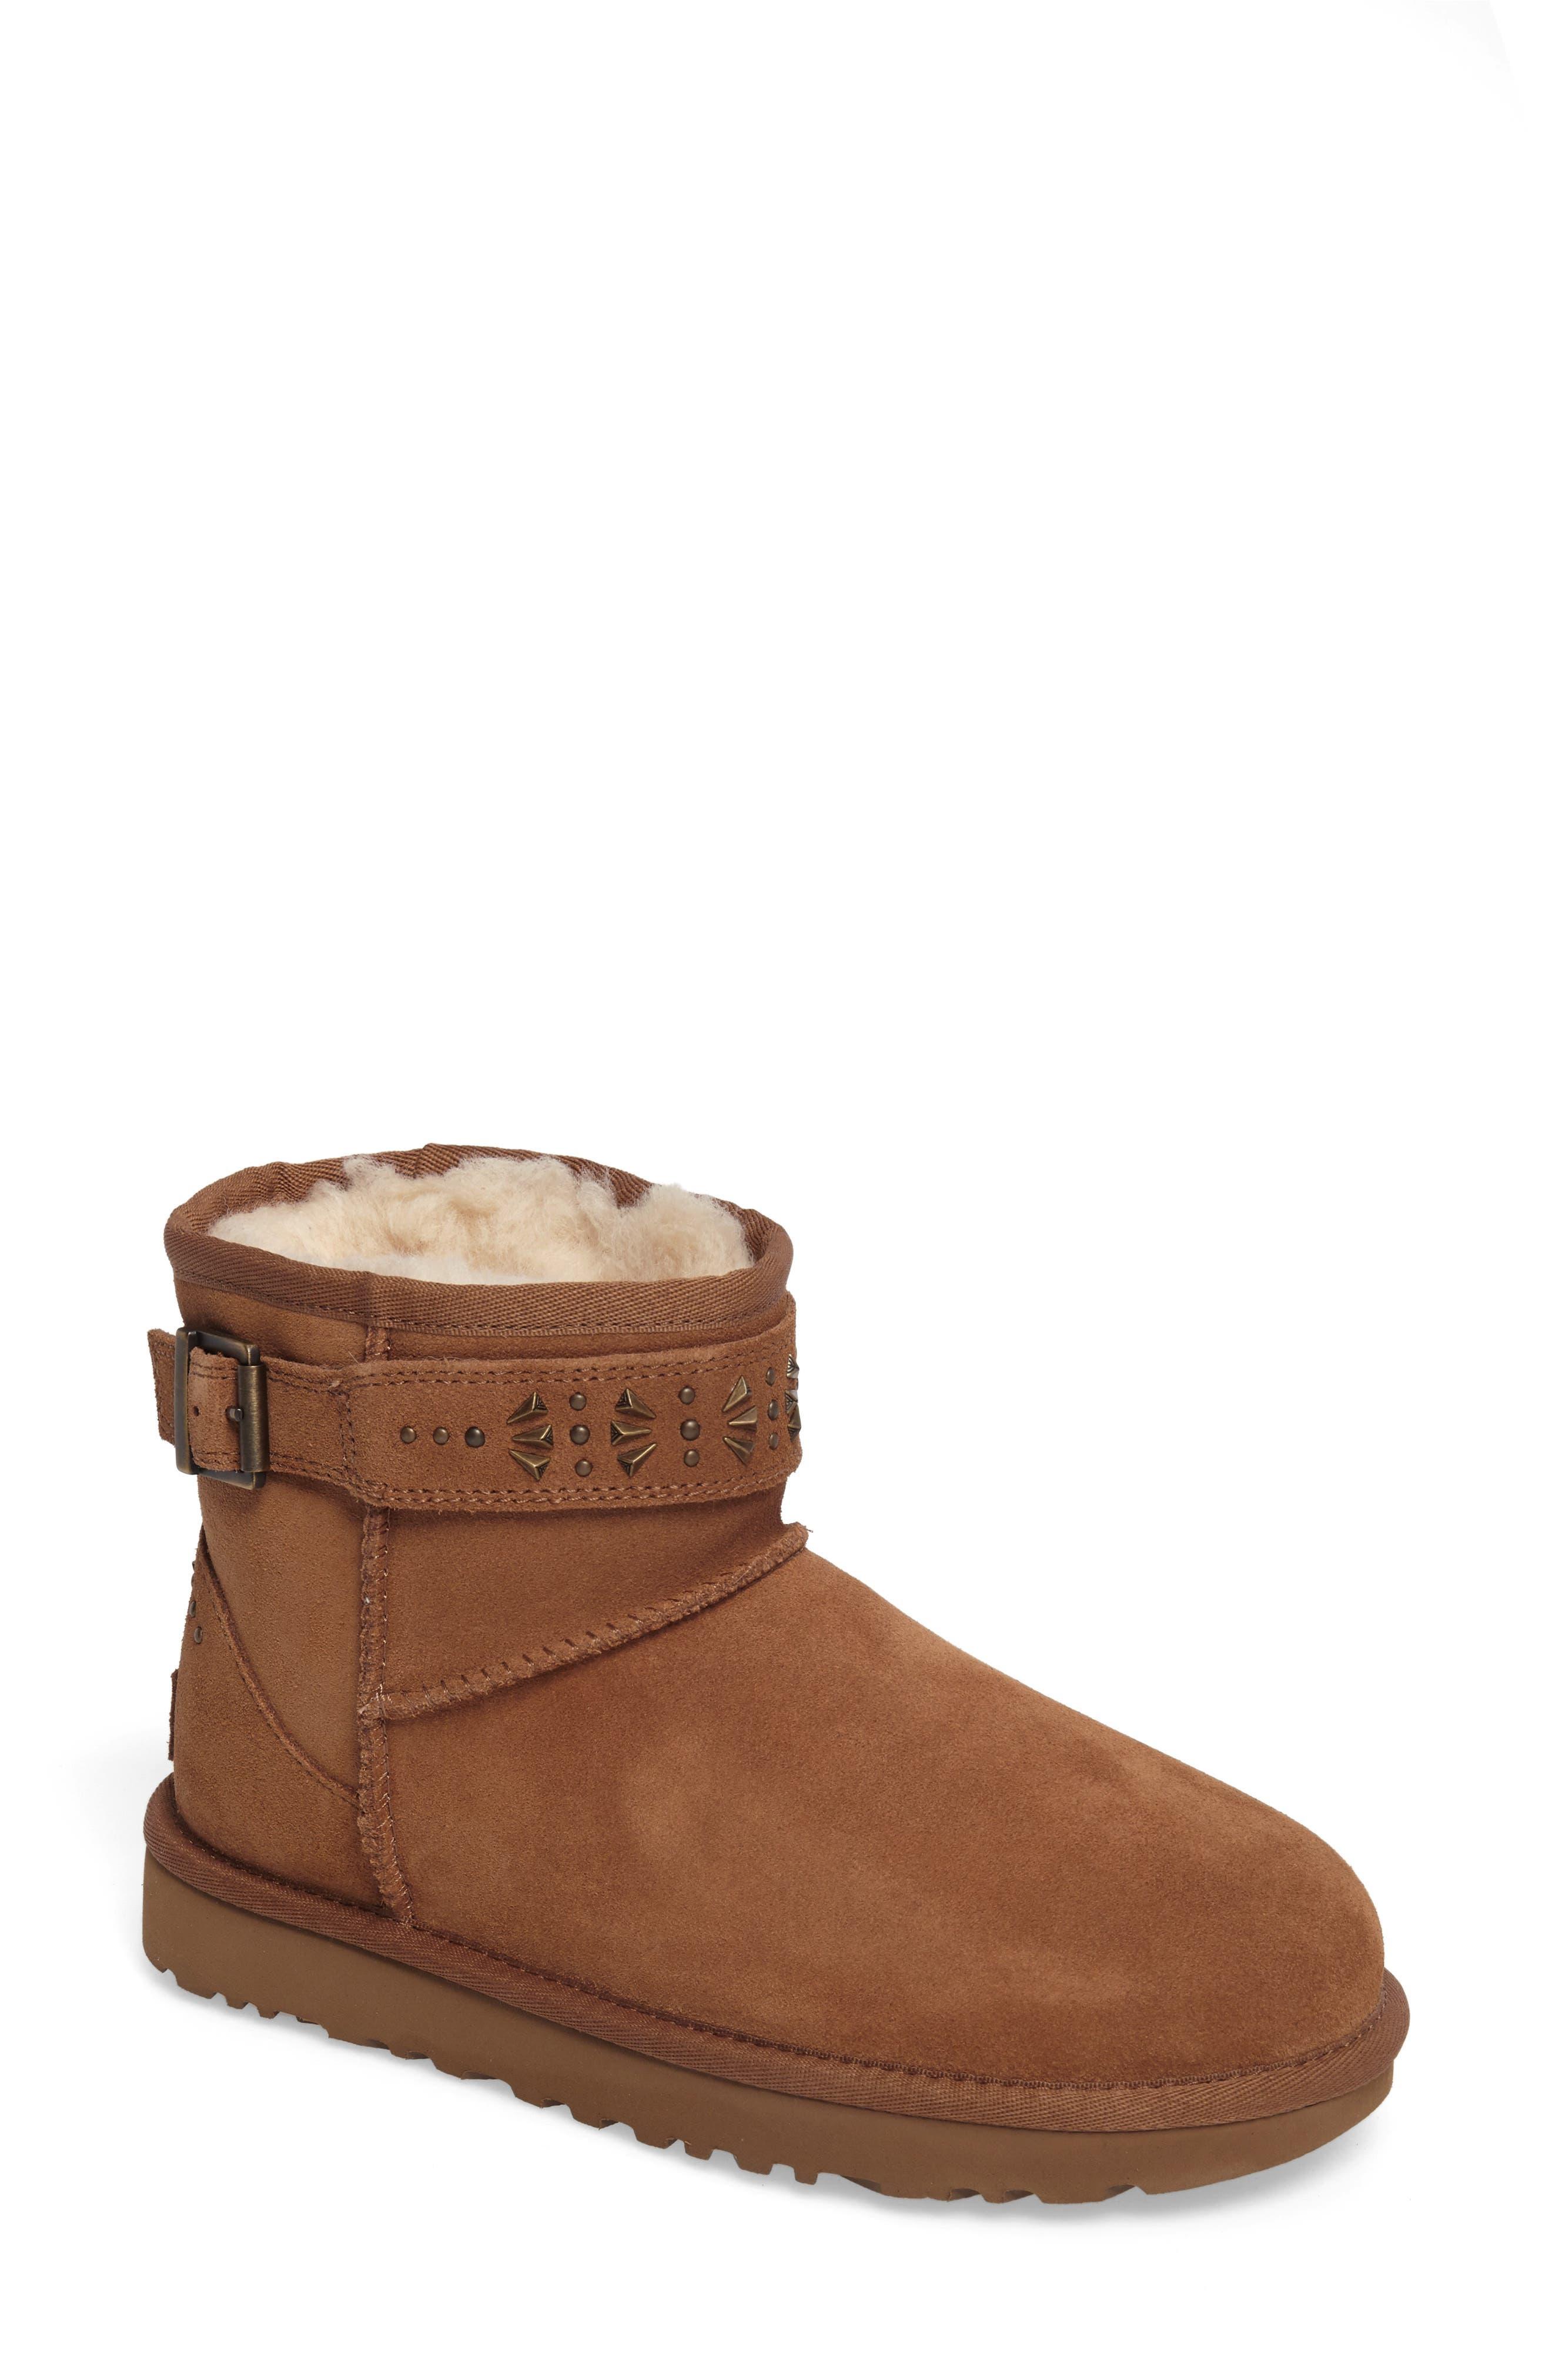 Main Image - UGG® Jadine Boot (Women)